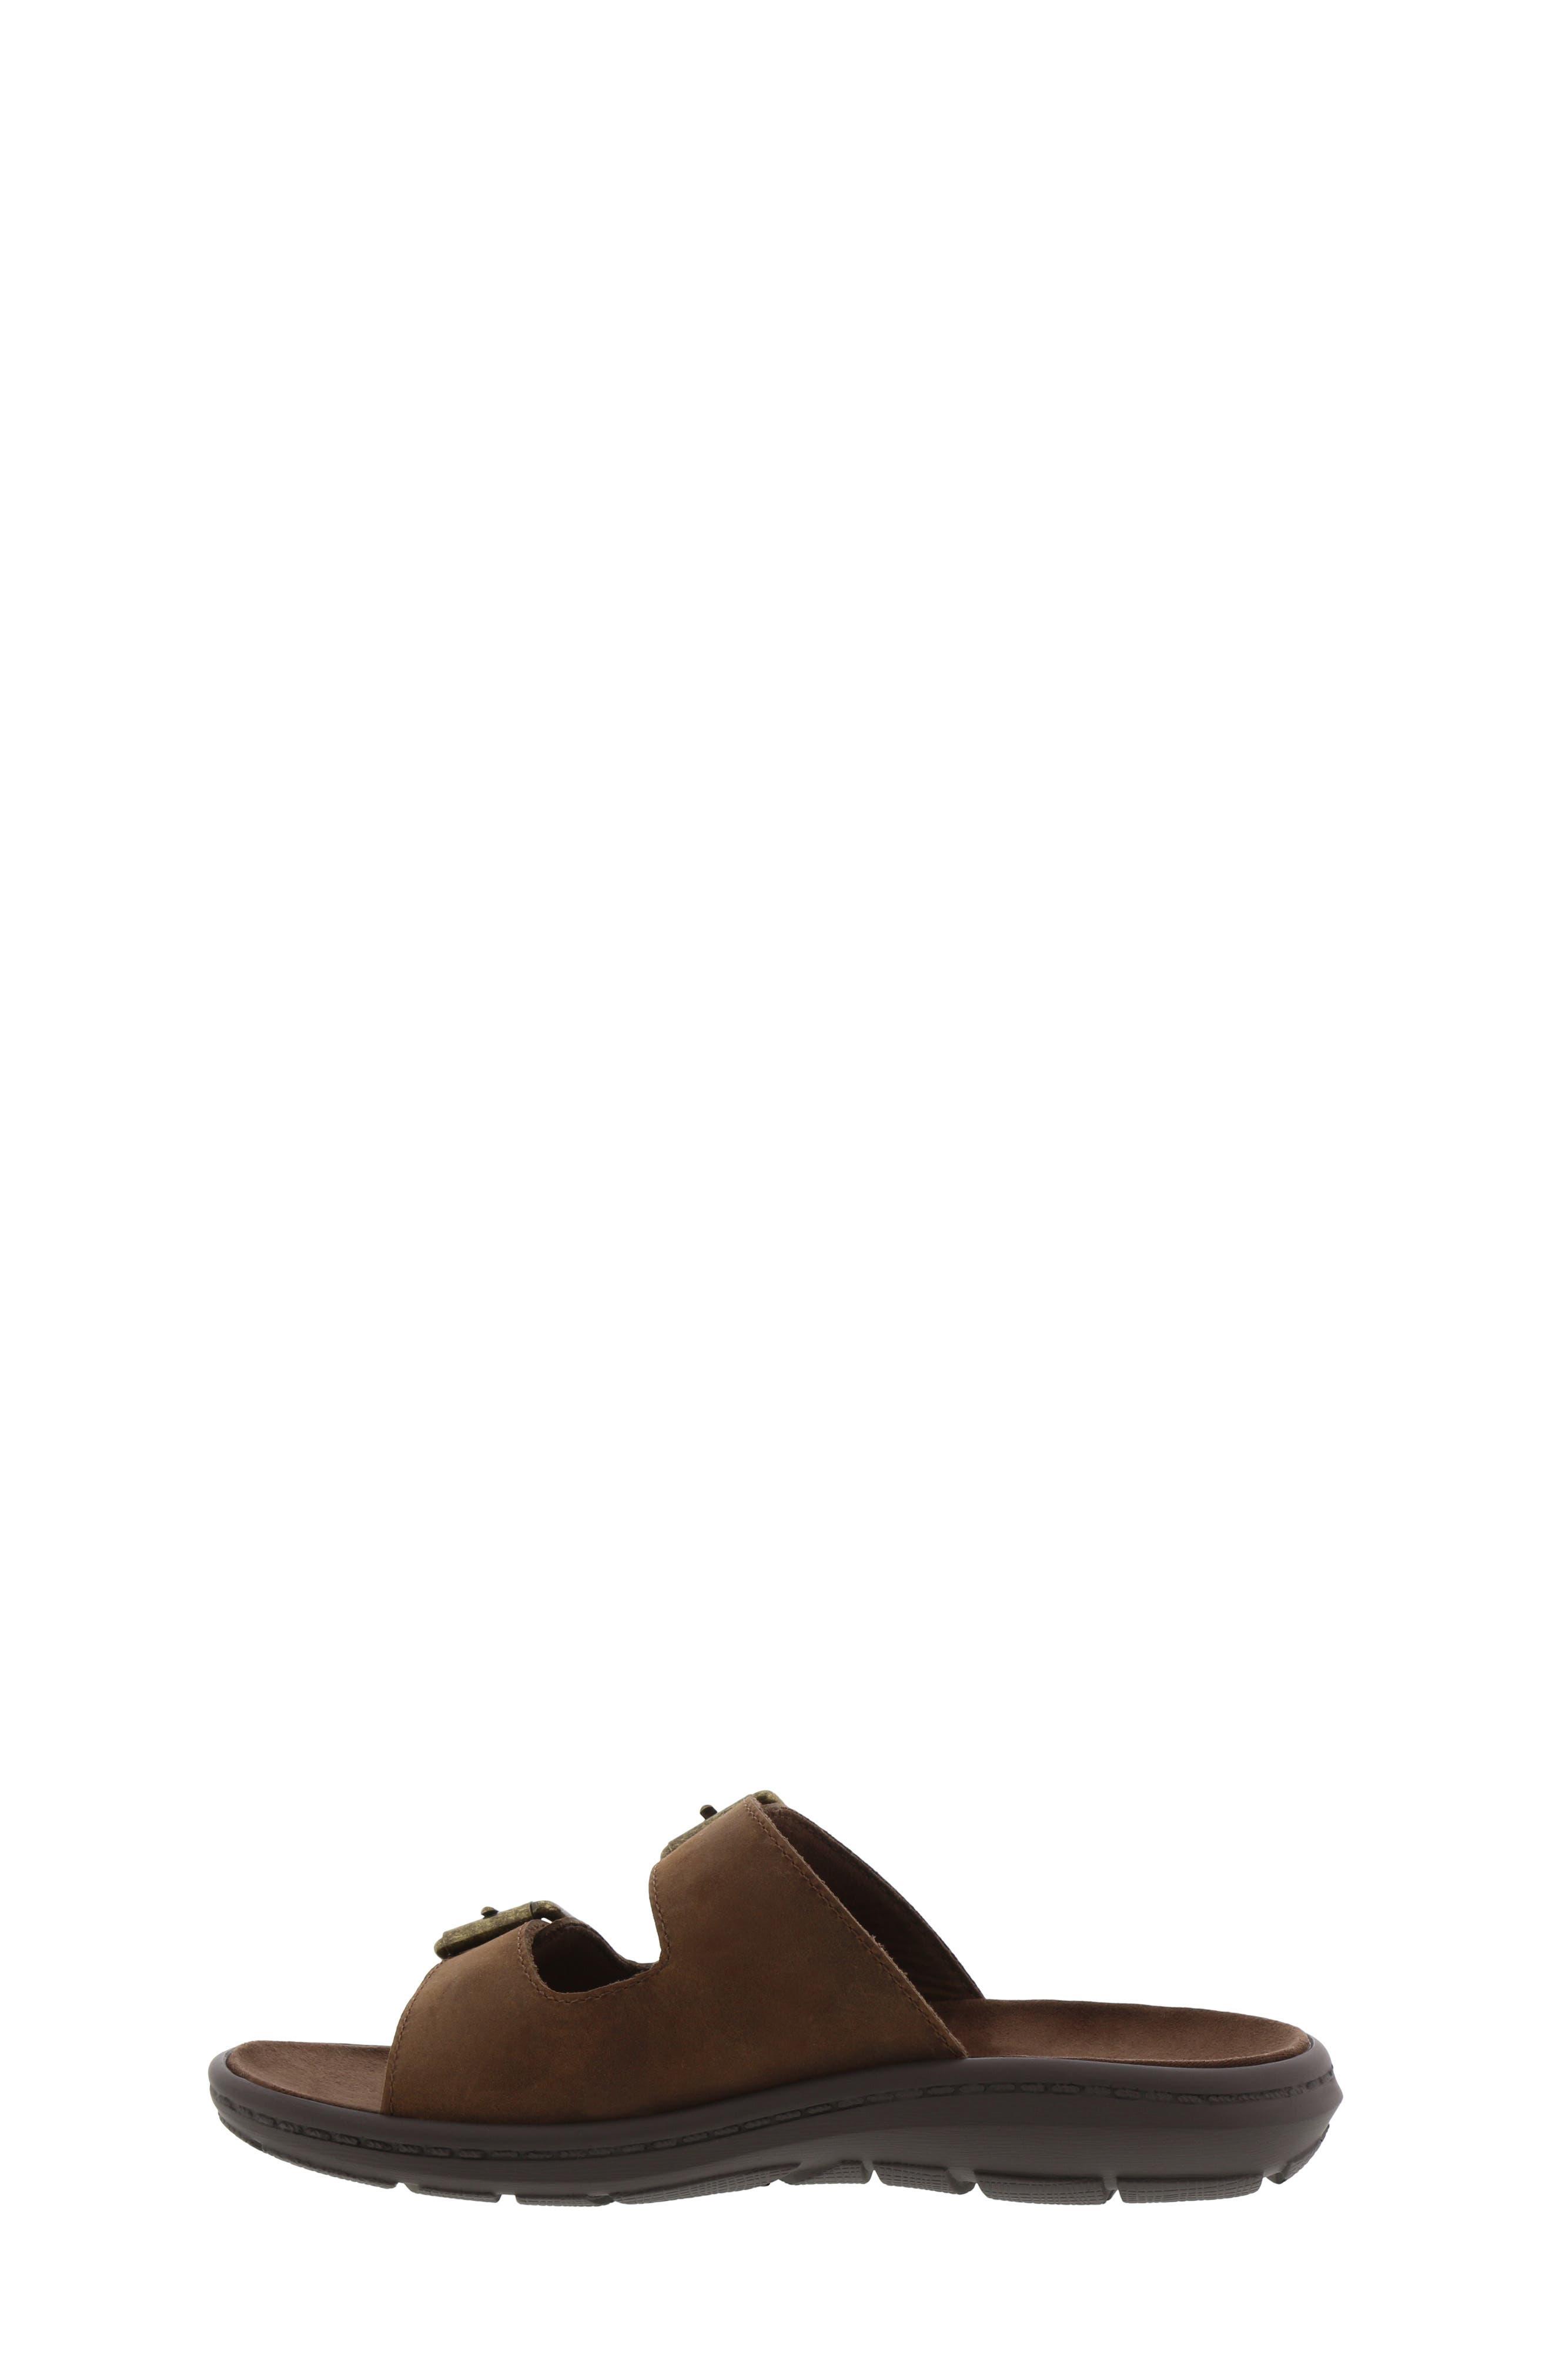 Leaf Leo Slide Sandal,                             Alternate thumbnail 3, color,                             BROWN